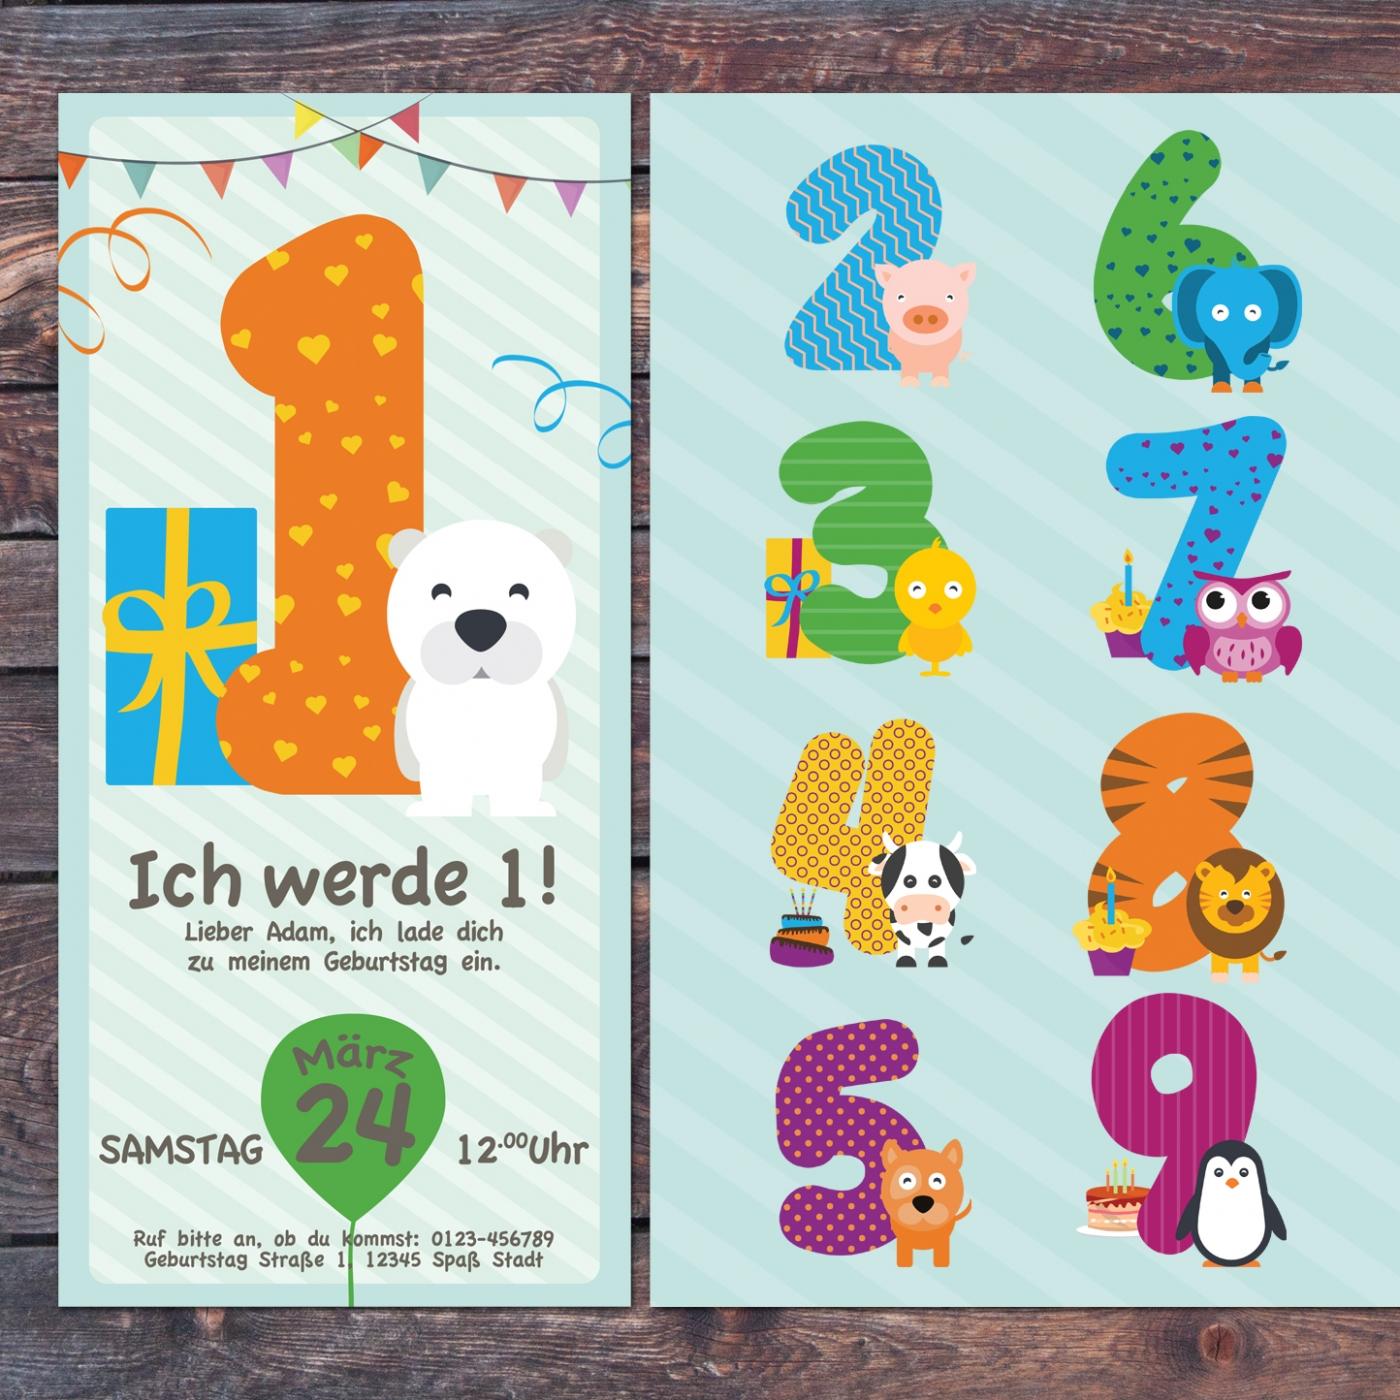 einladungskarte kindergeburtstag druck - eigenbaudesign